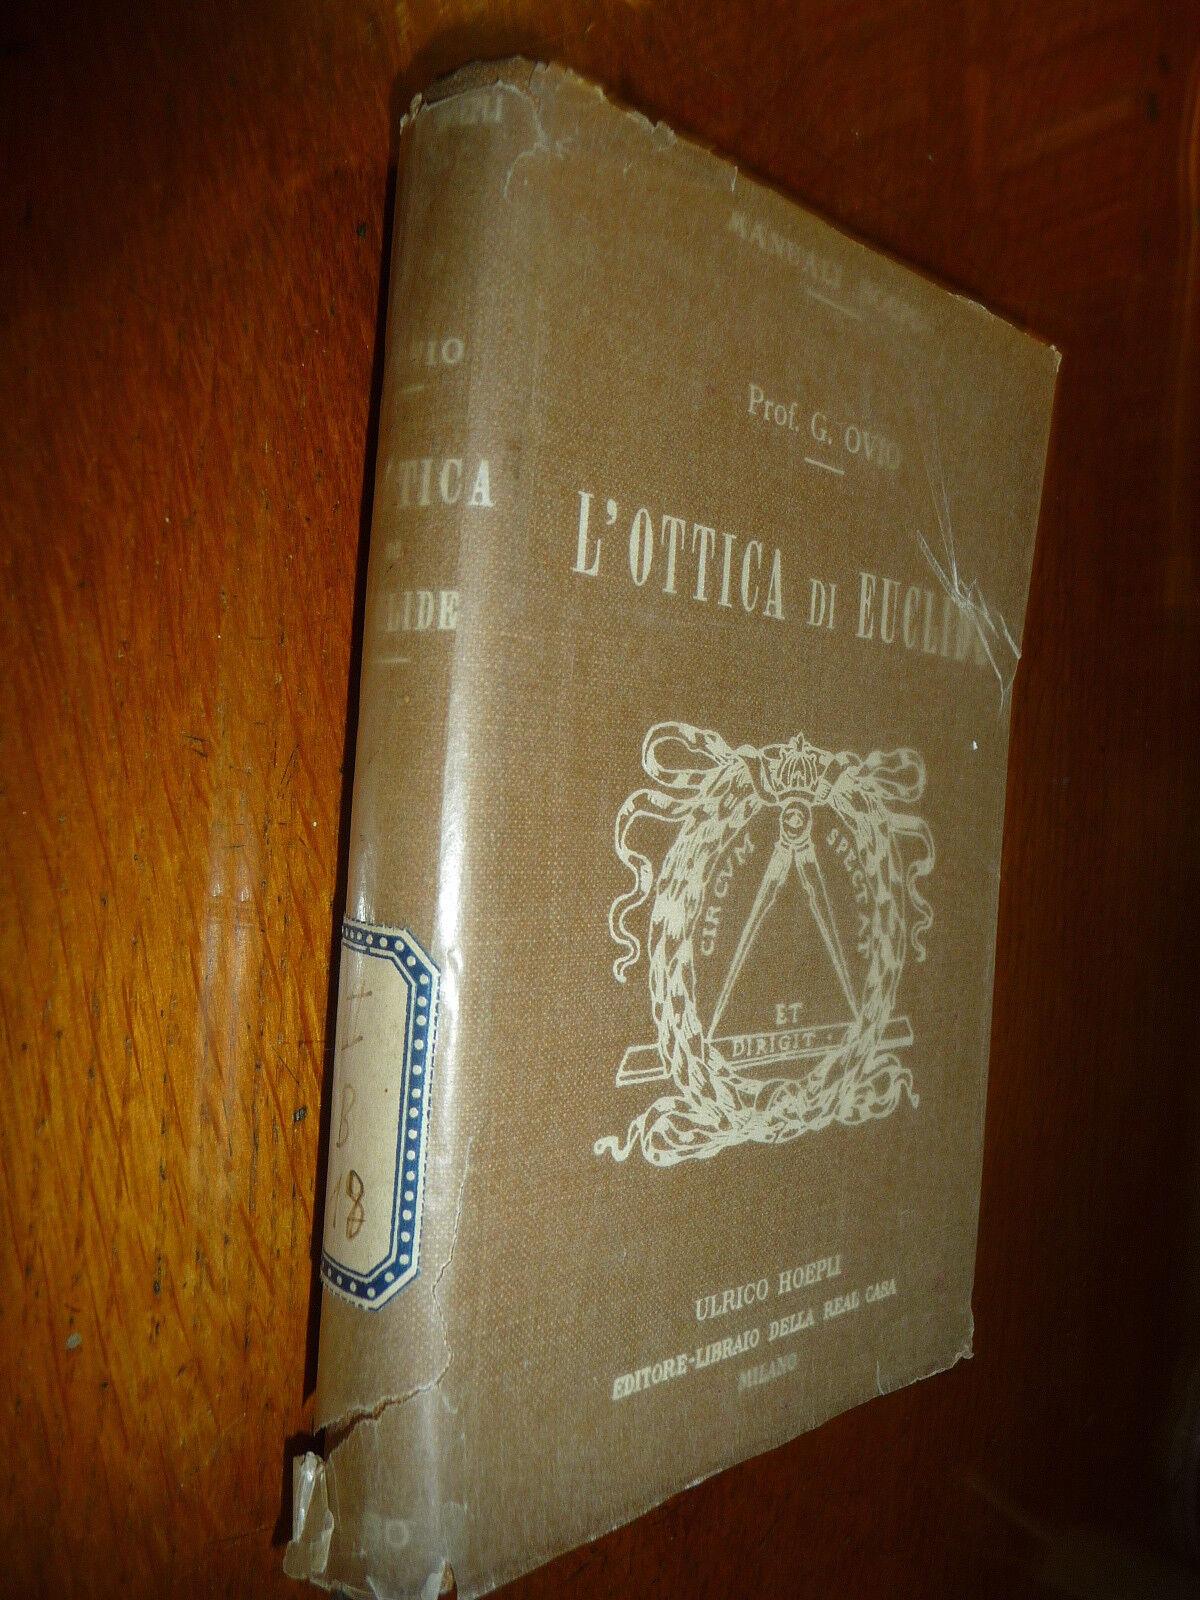 L'OTTICA DI EUCLIDE PROF. GIUSEPPE OVIO HOEPLI 1918 I^ Ed.